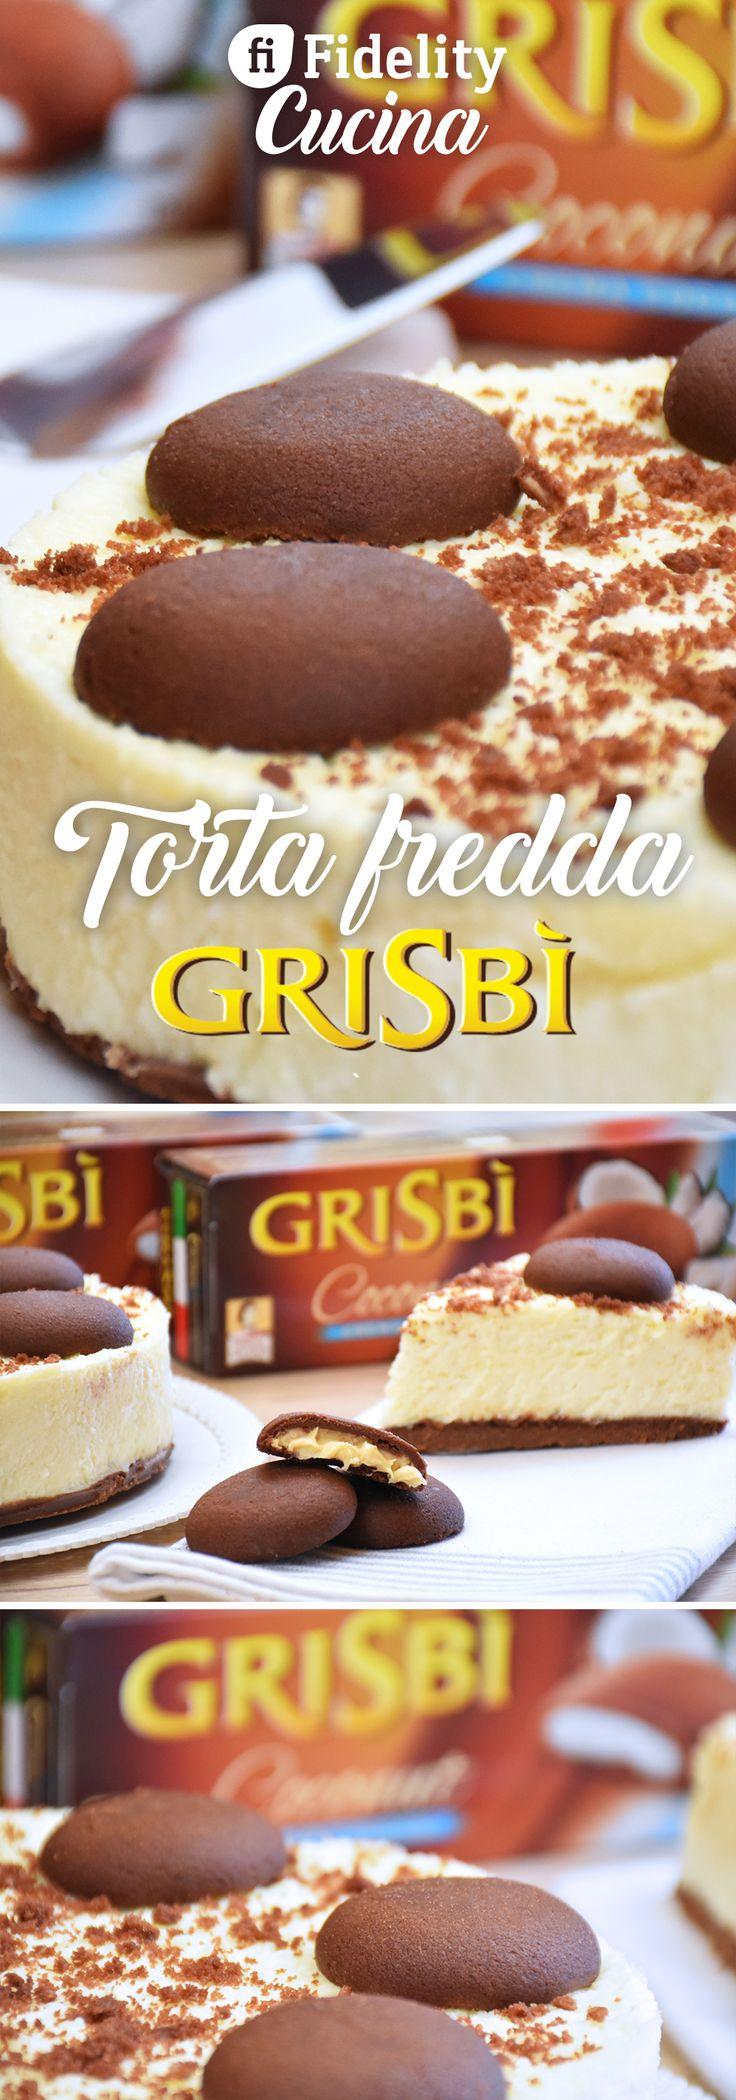 La torta fredda Grisbì è un vero peccato di gola in cui cocco e cioccolato bianco si sposano alla perfezione. Ecco la ricetta ed alcuni consigli